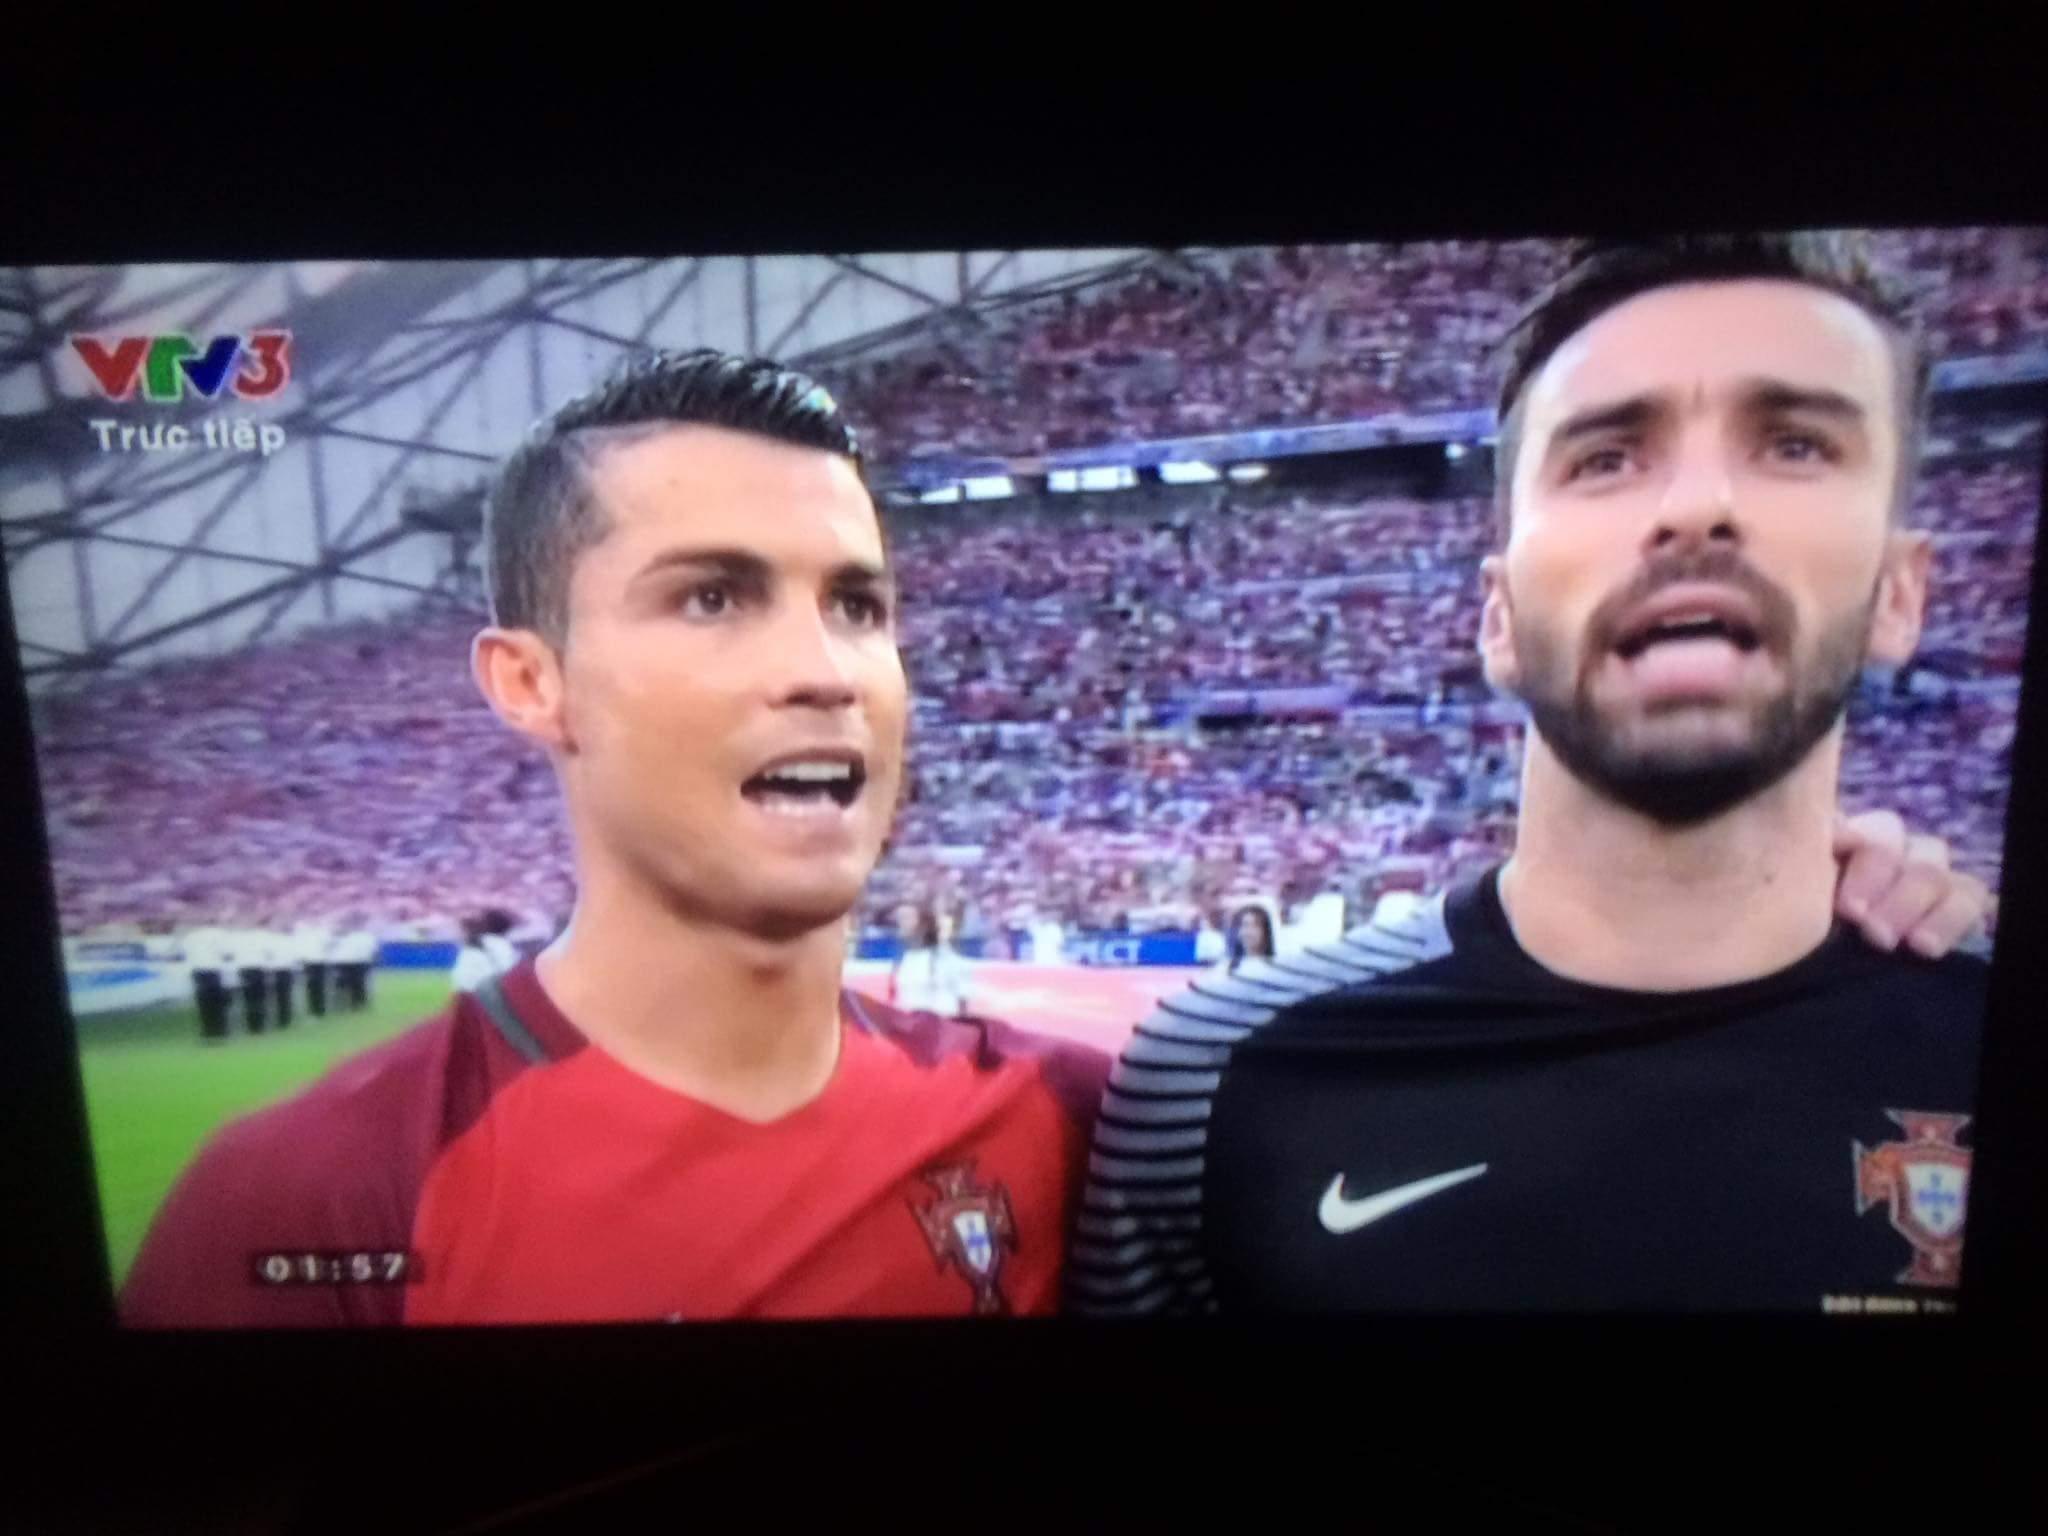 Xem Ronaldo chiến Lewandowski nào ae ơiiii......ae nào mai thi mà vẫn xem điểm danh...